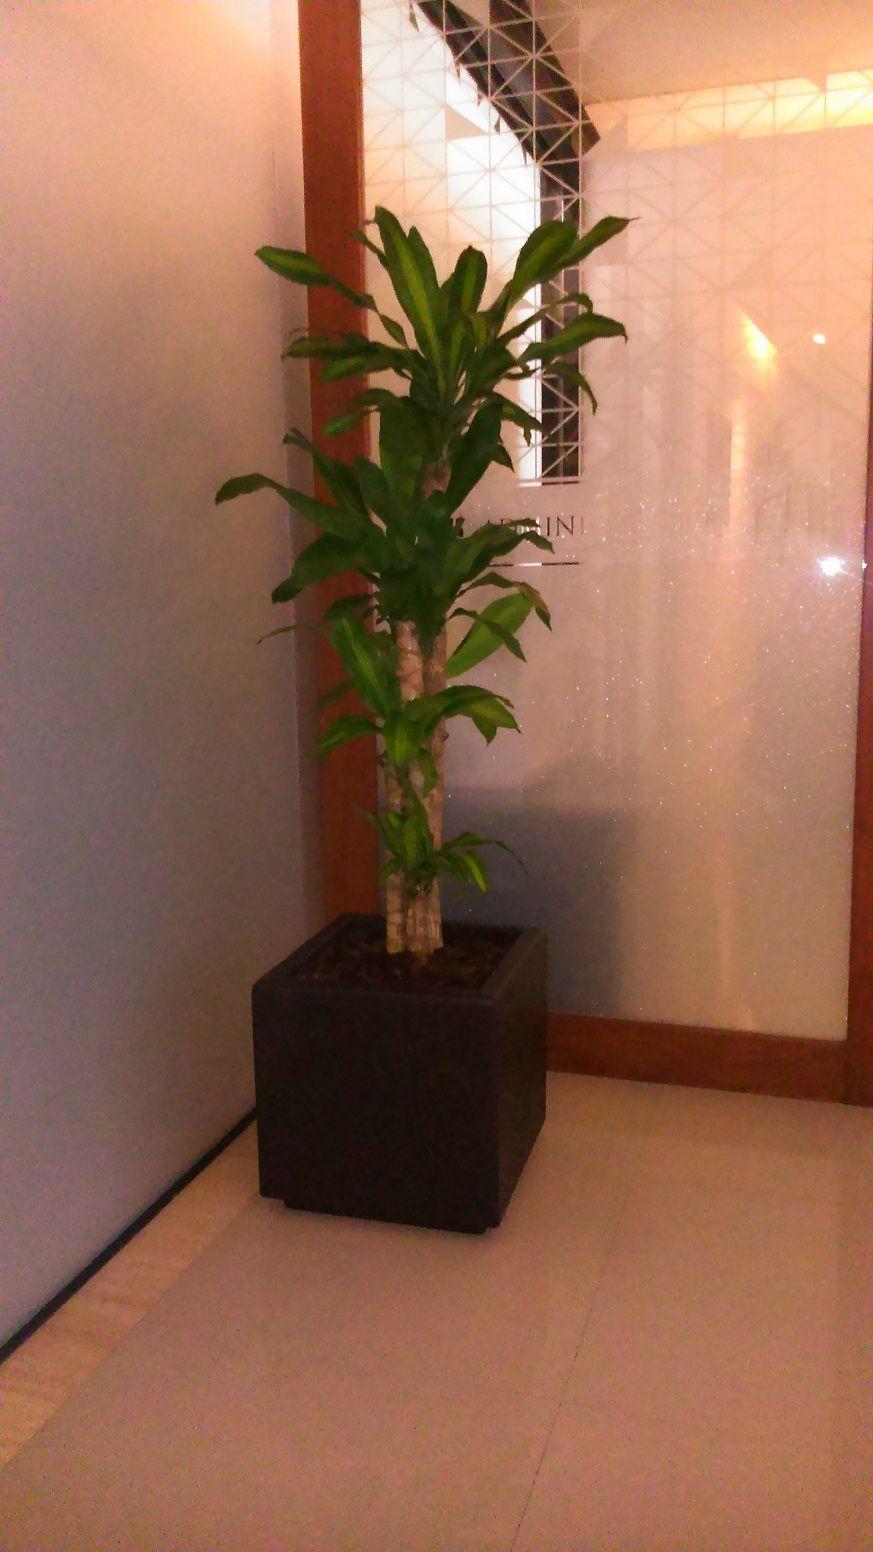 Palo de brasil macetero con planta para sombra - Macetas de interior ...